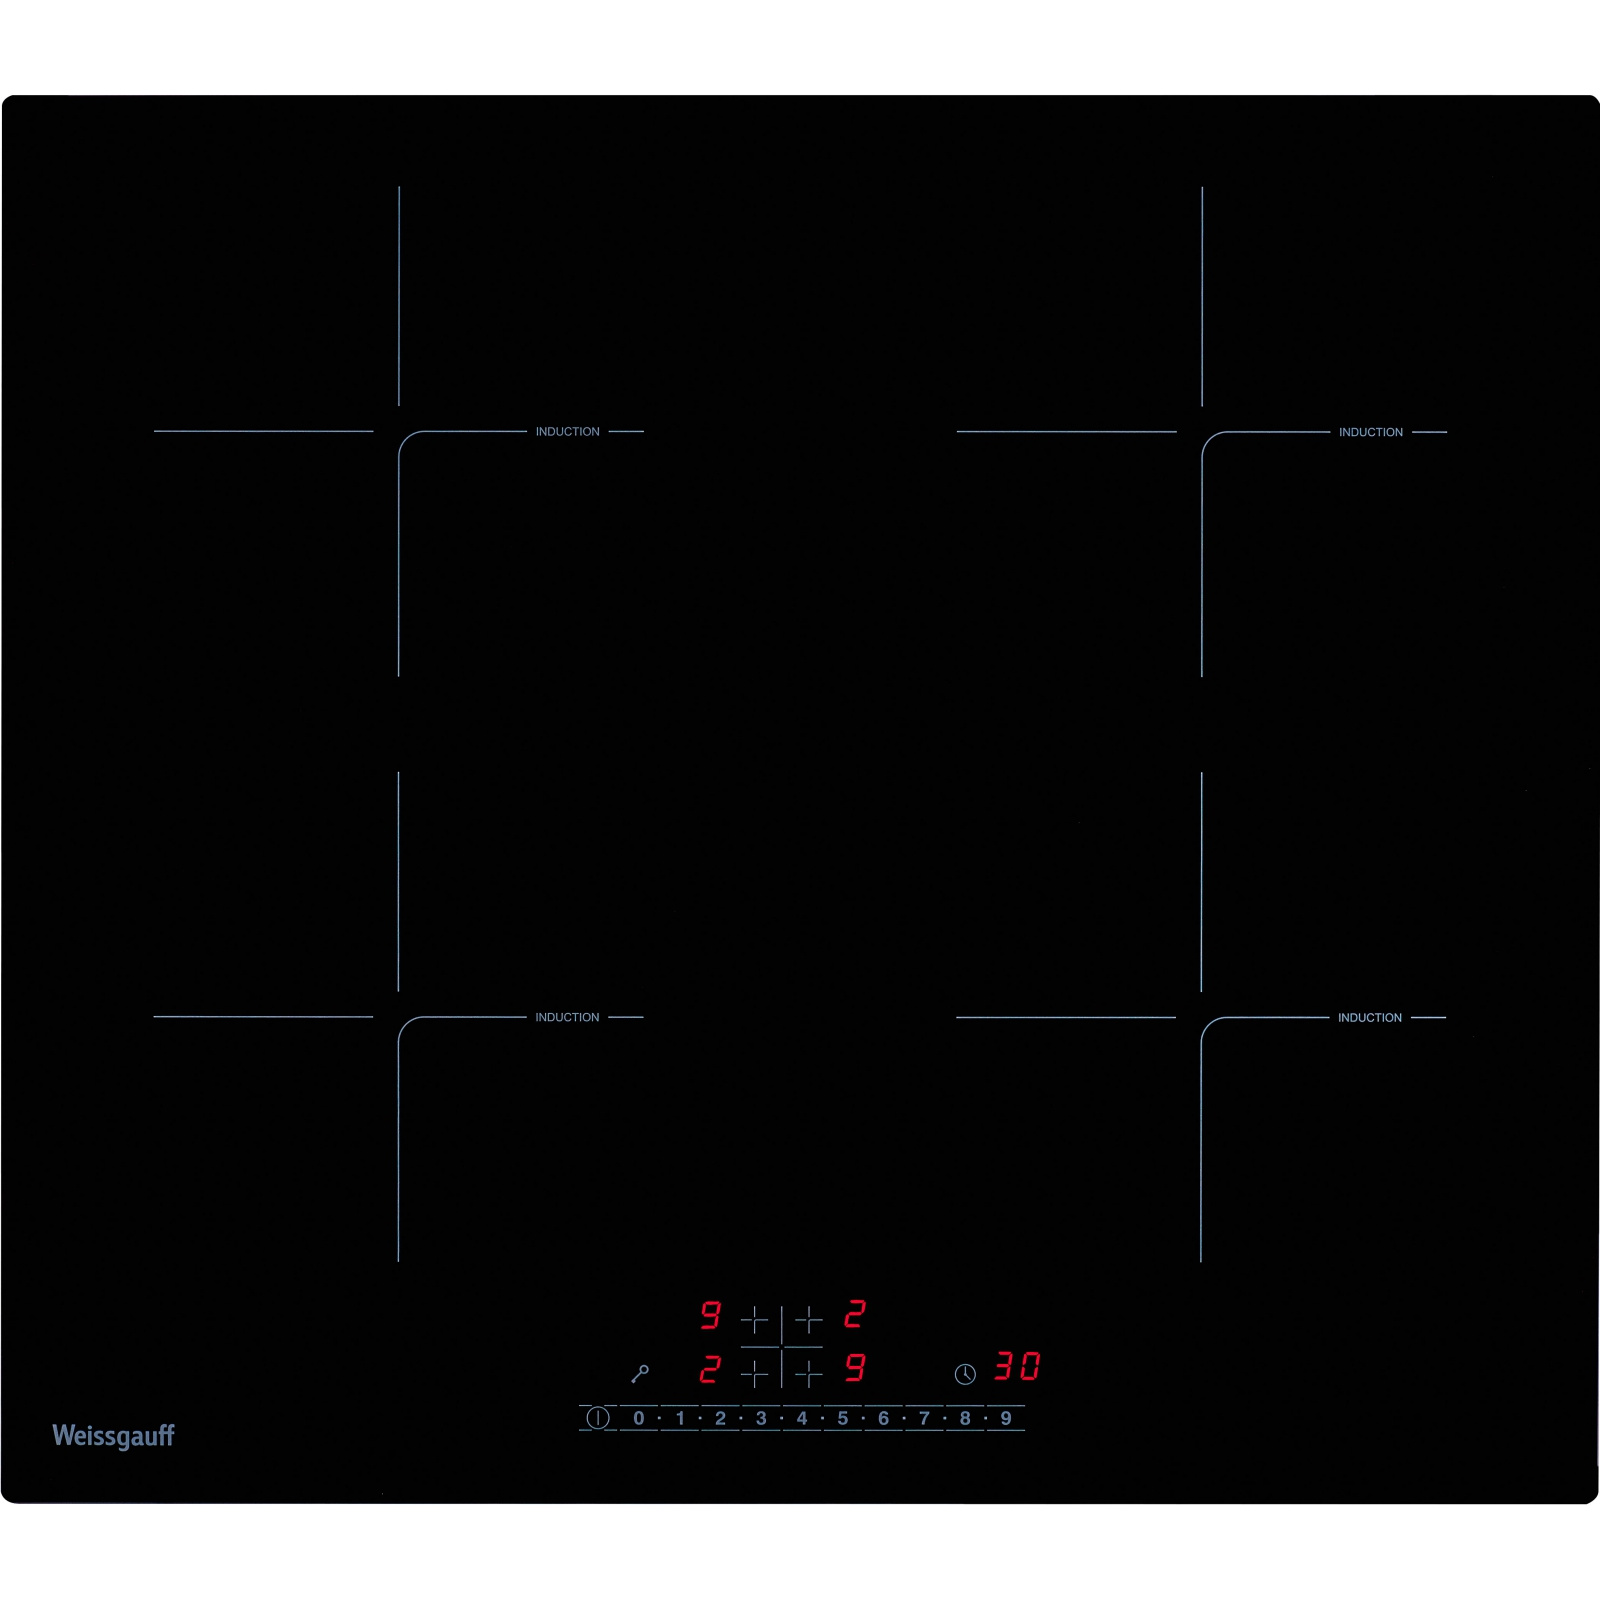 Встраиваемая варочная панель индукционная Weissgauff HI 640 BS Black фото